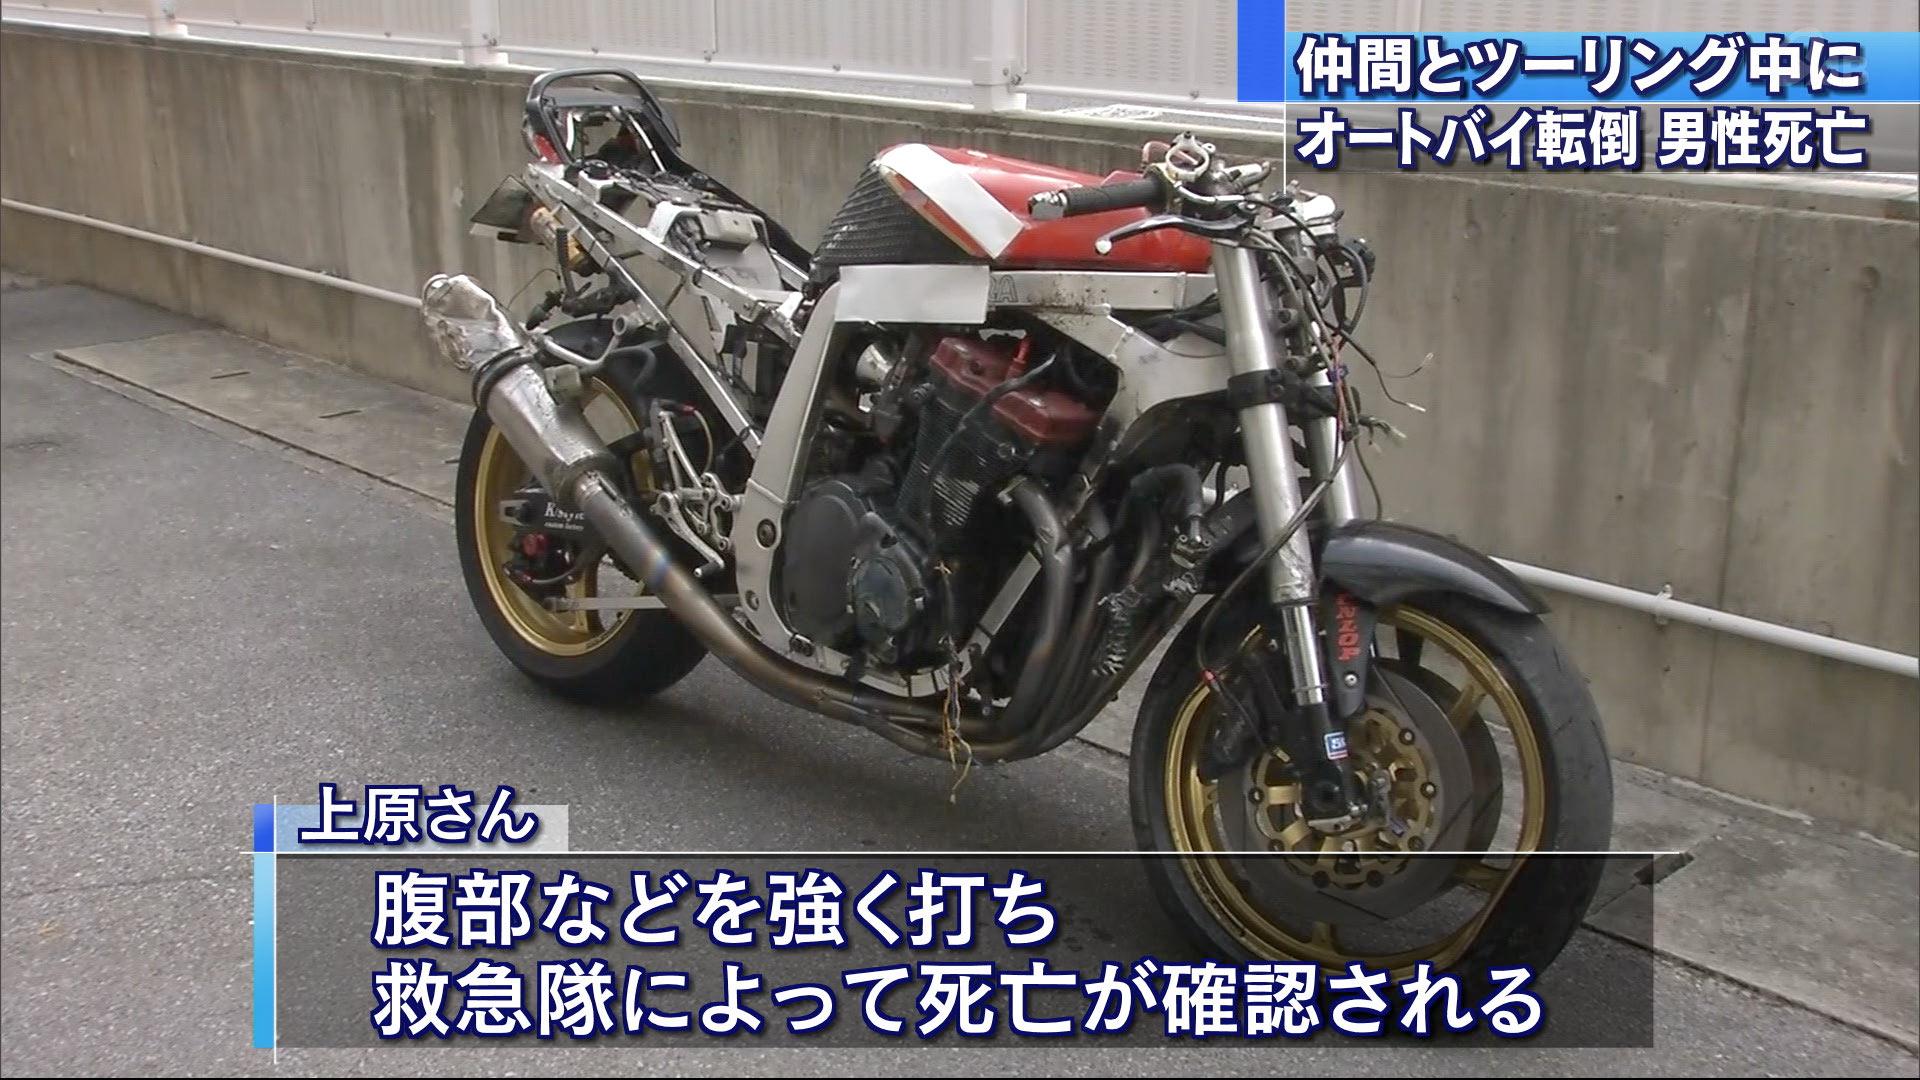 読谷村 オートバイの男性死亡